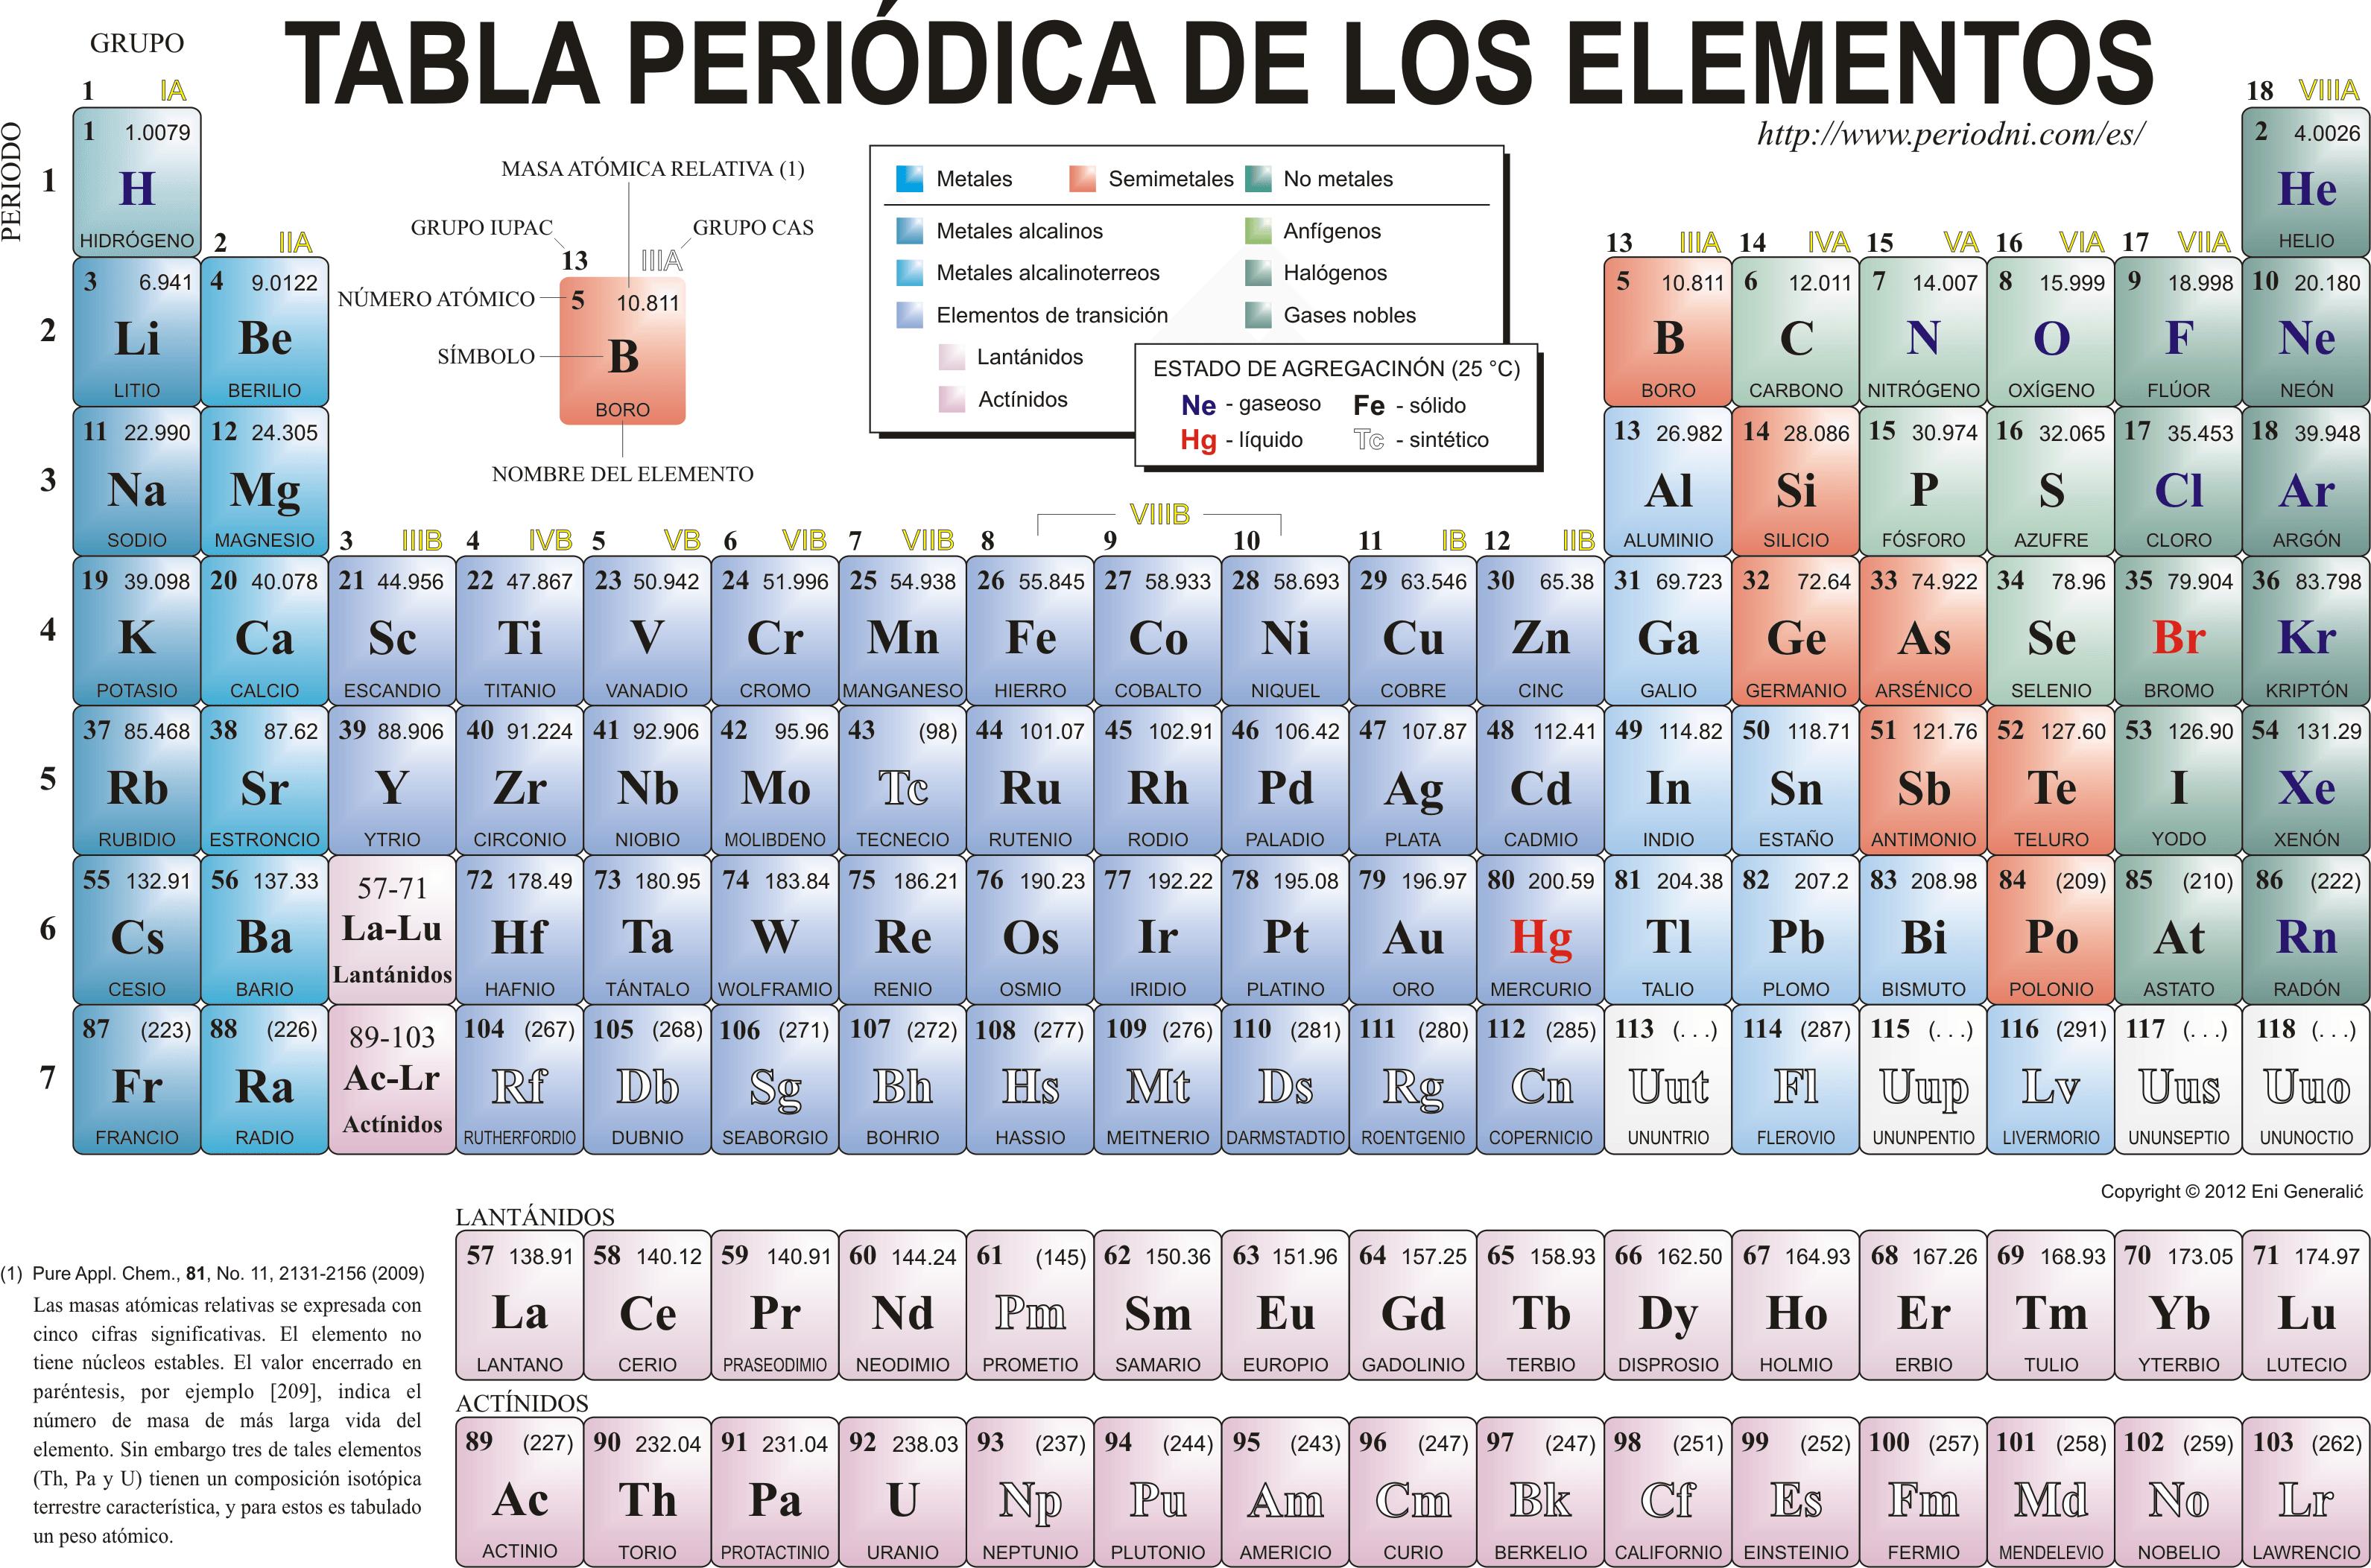 Metales txicos cmo nos llegan al cuerpo y cmo nos afectan ls se denominan metales pesados o metales txicos a aquellos elementos qumicos que poseen un peso atmico podemos verlo en la tabla peridica urtaz Gallery